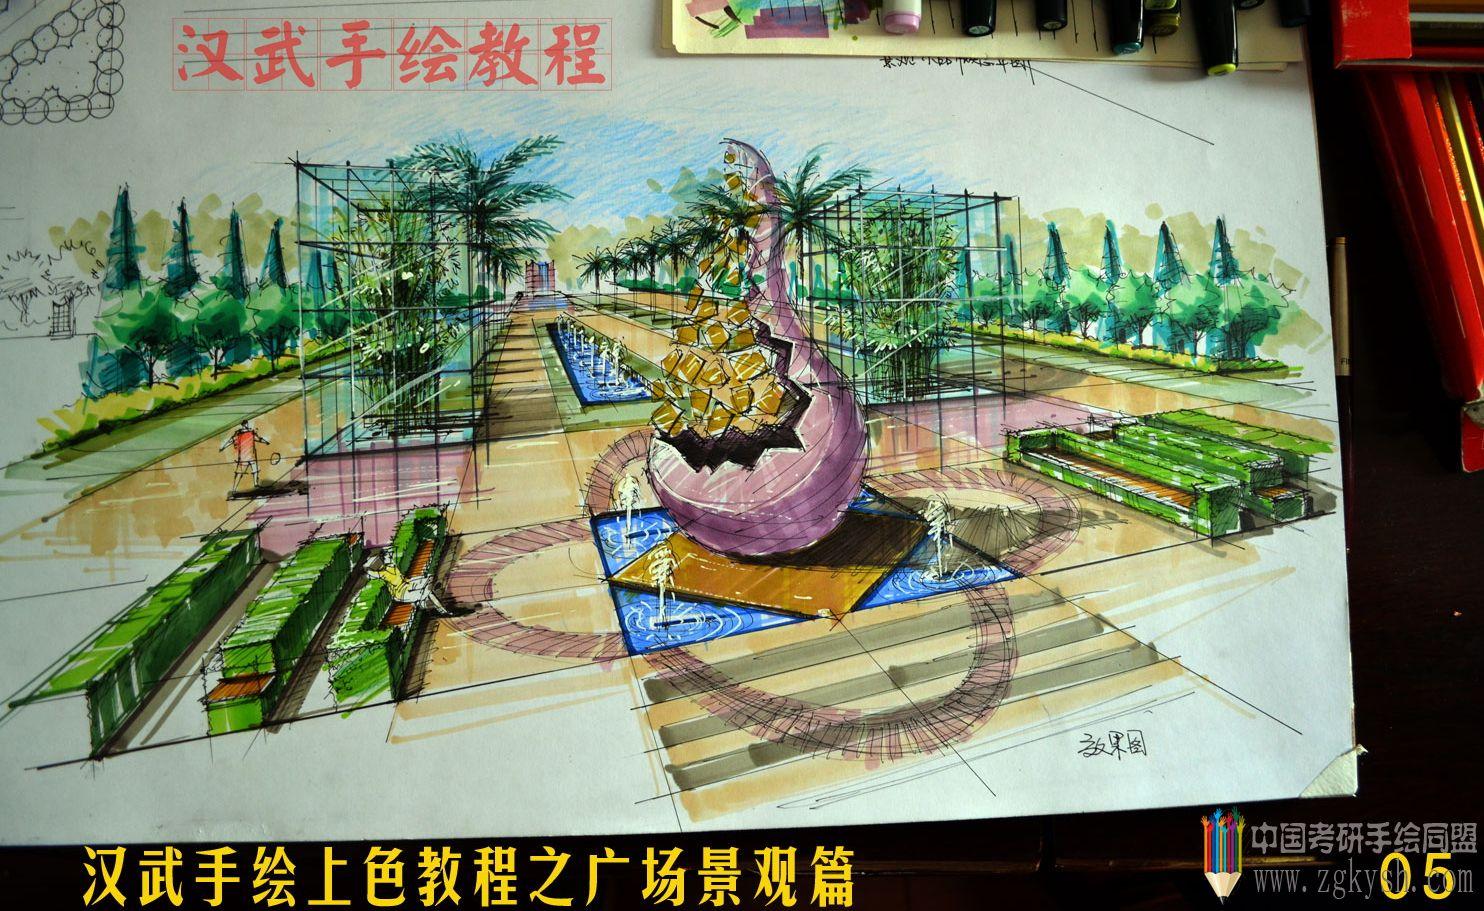 校园入口广场景观快题设计